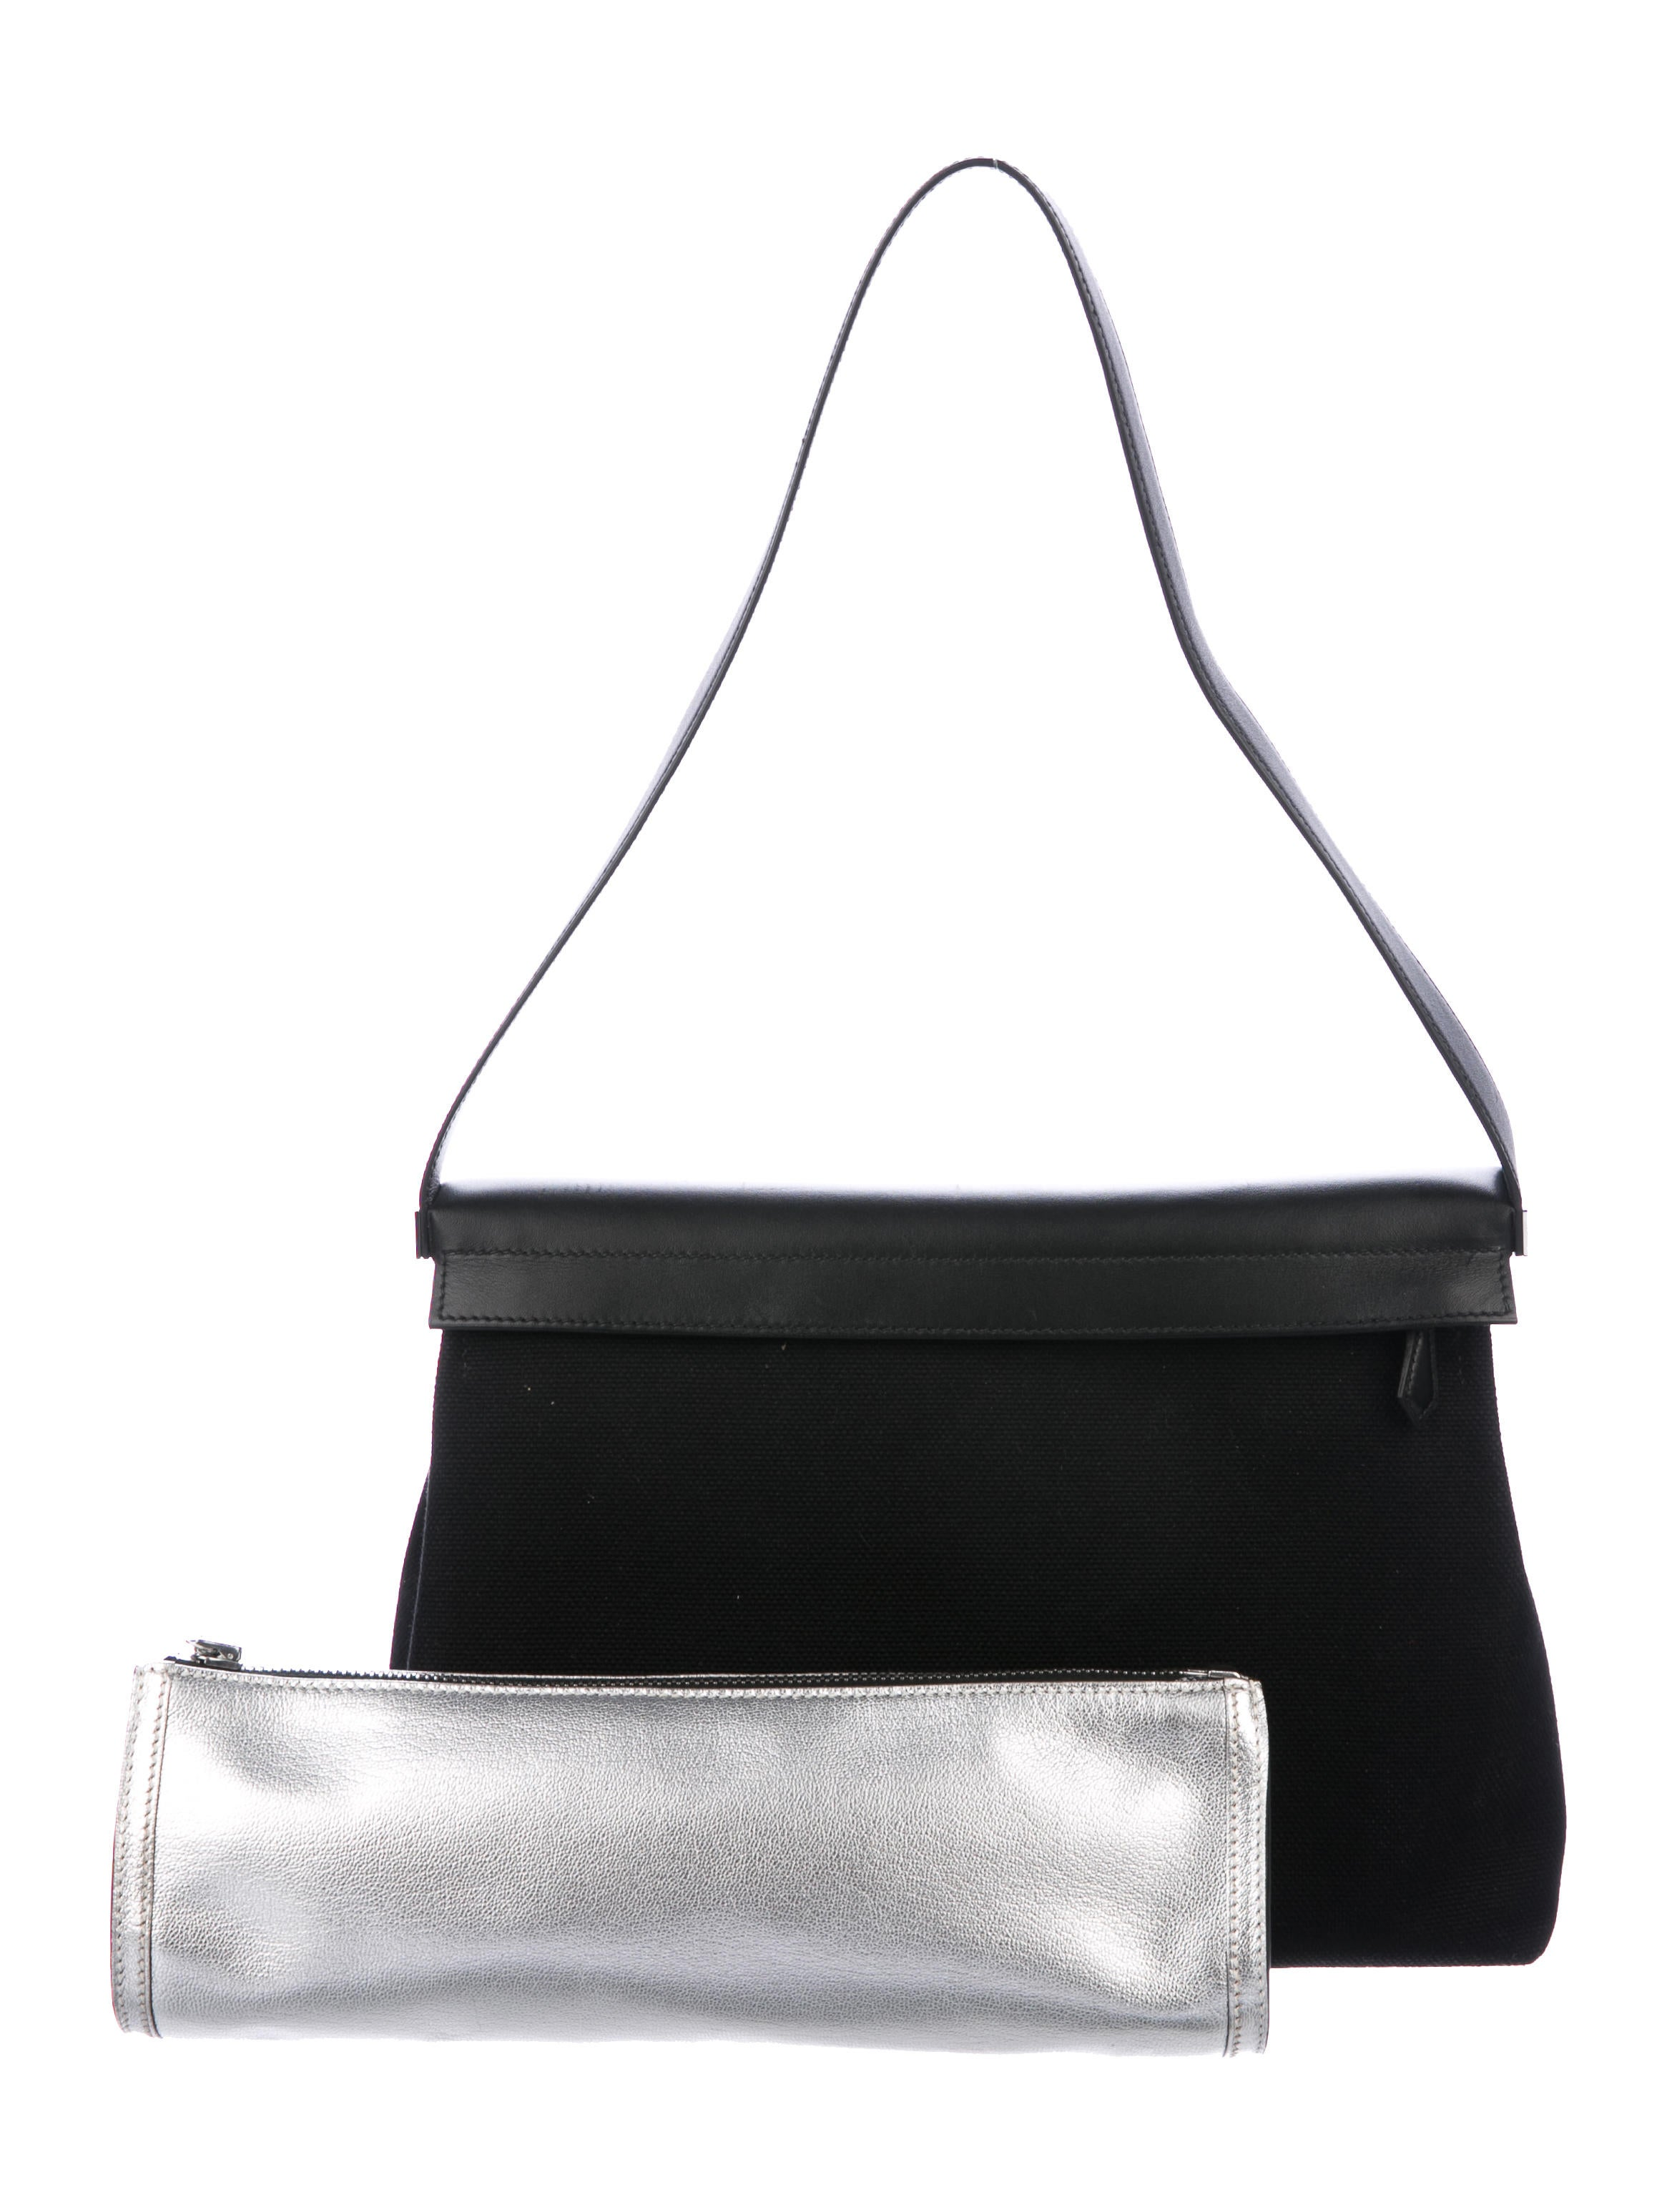 8f6a2b30a6d1 ... wholesale hermès yeoh bag handbags her125314 the realreal 7b940 0b5c3  ...